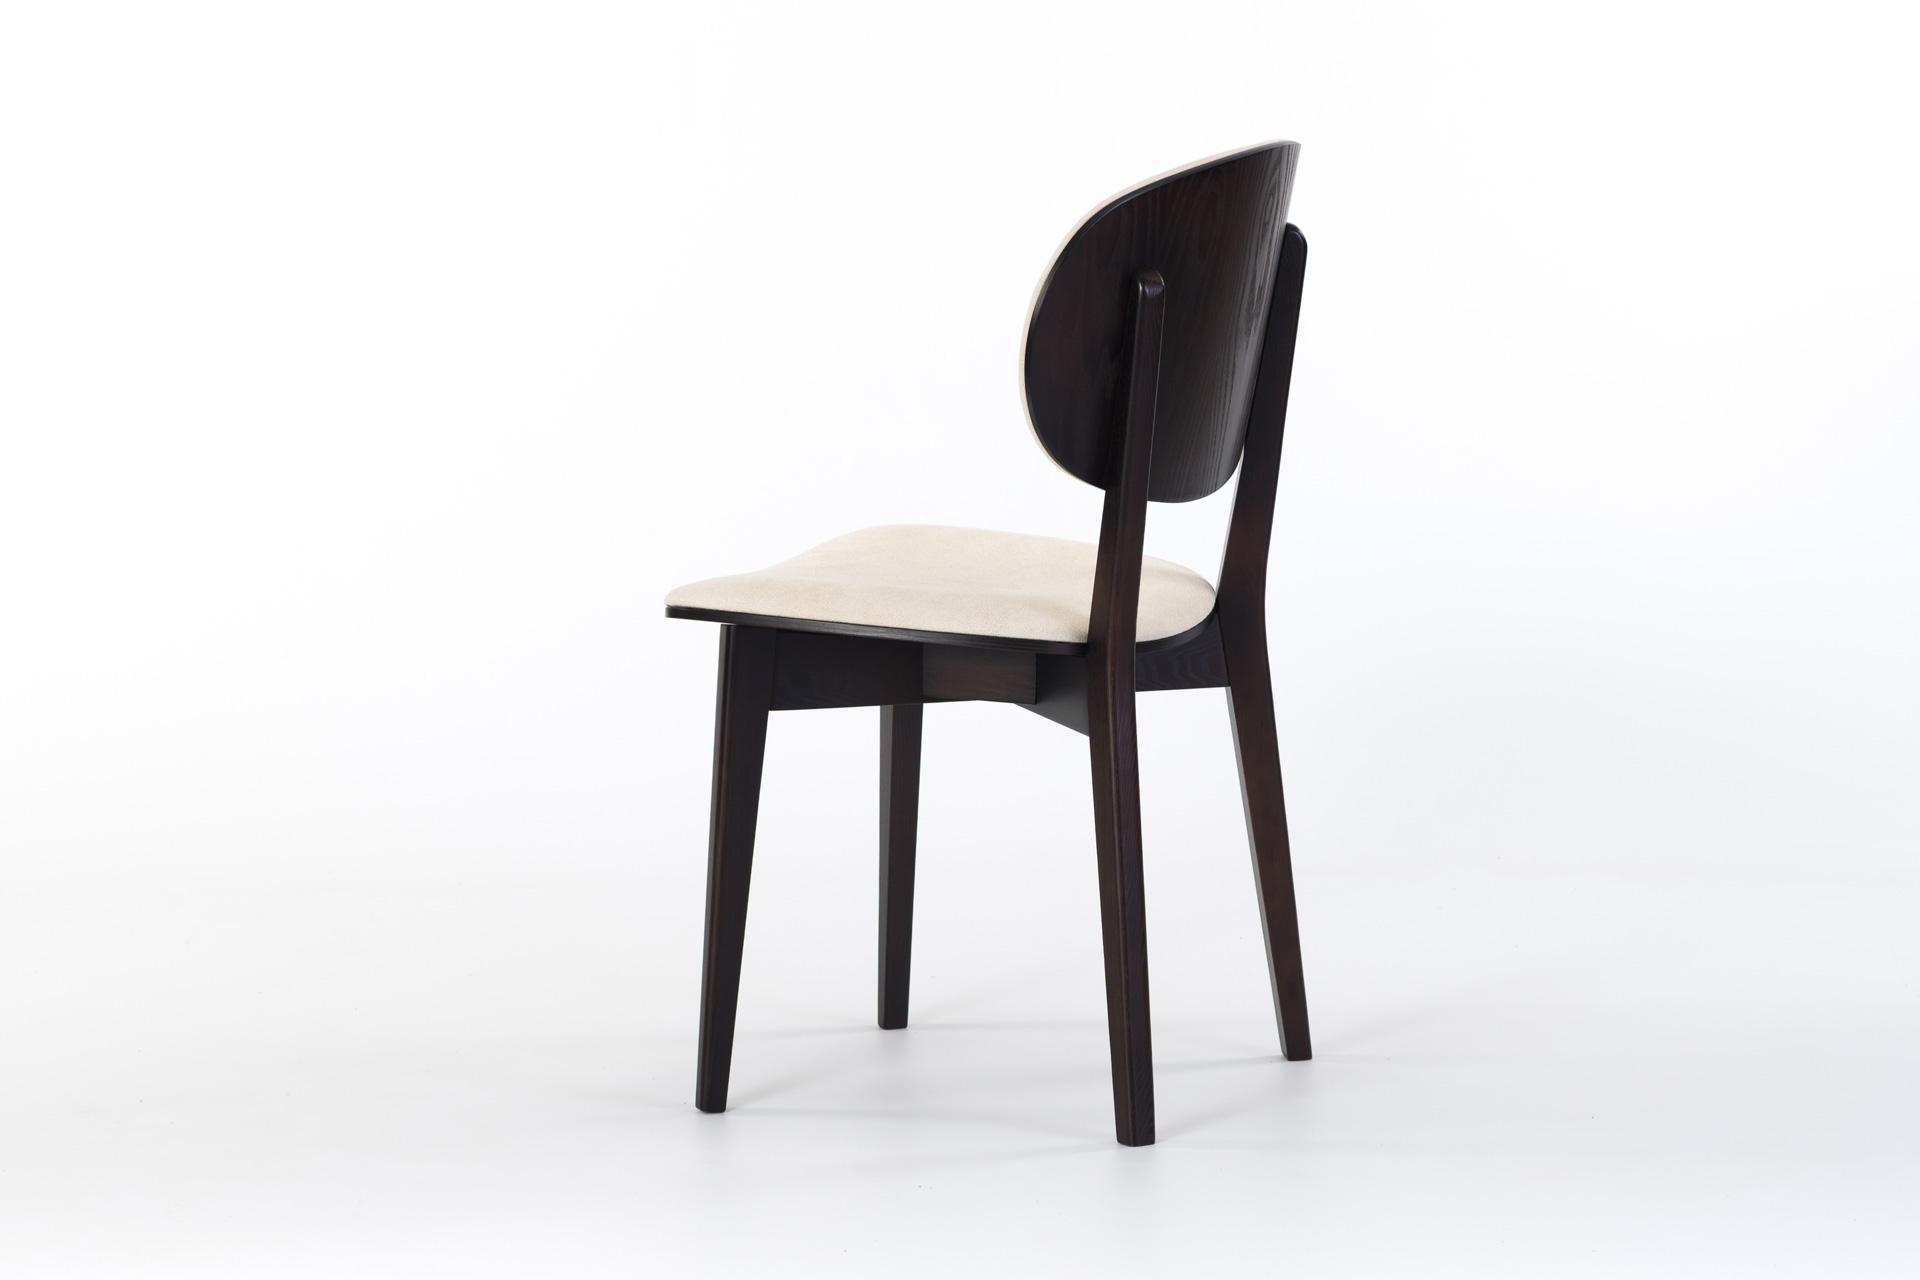 Кухонный стул 03Б киев производителя • OLEKSENKO Столы и Стулья •